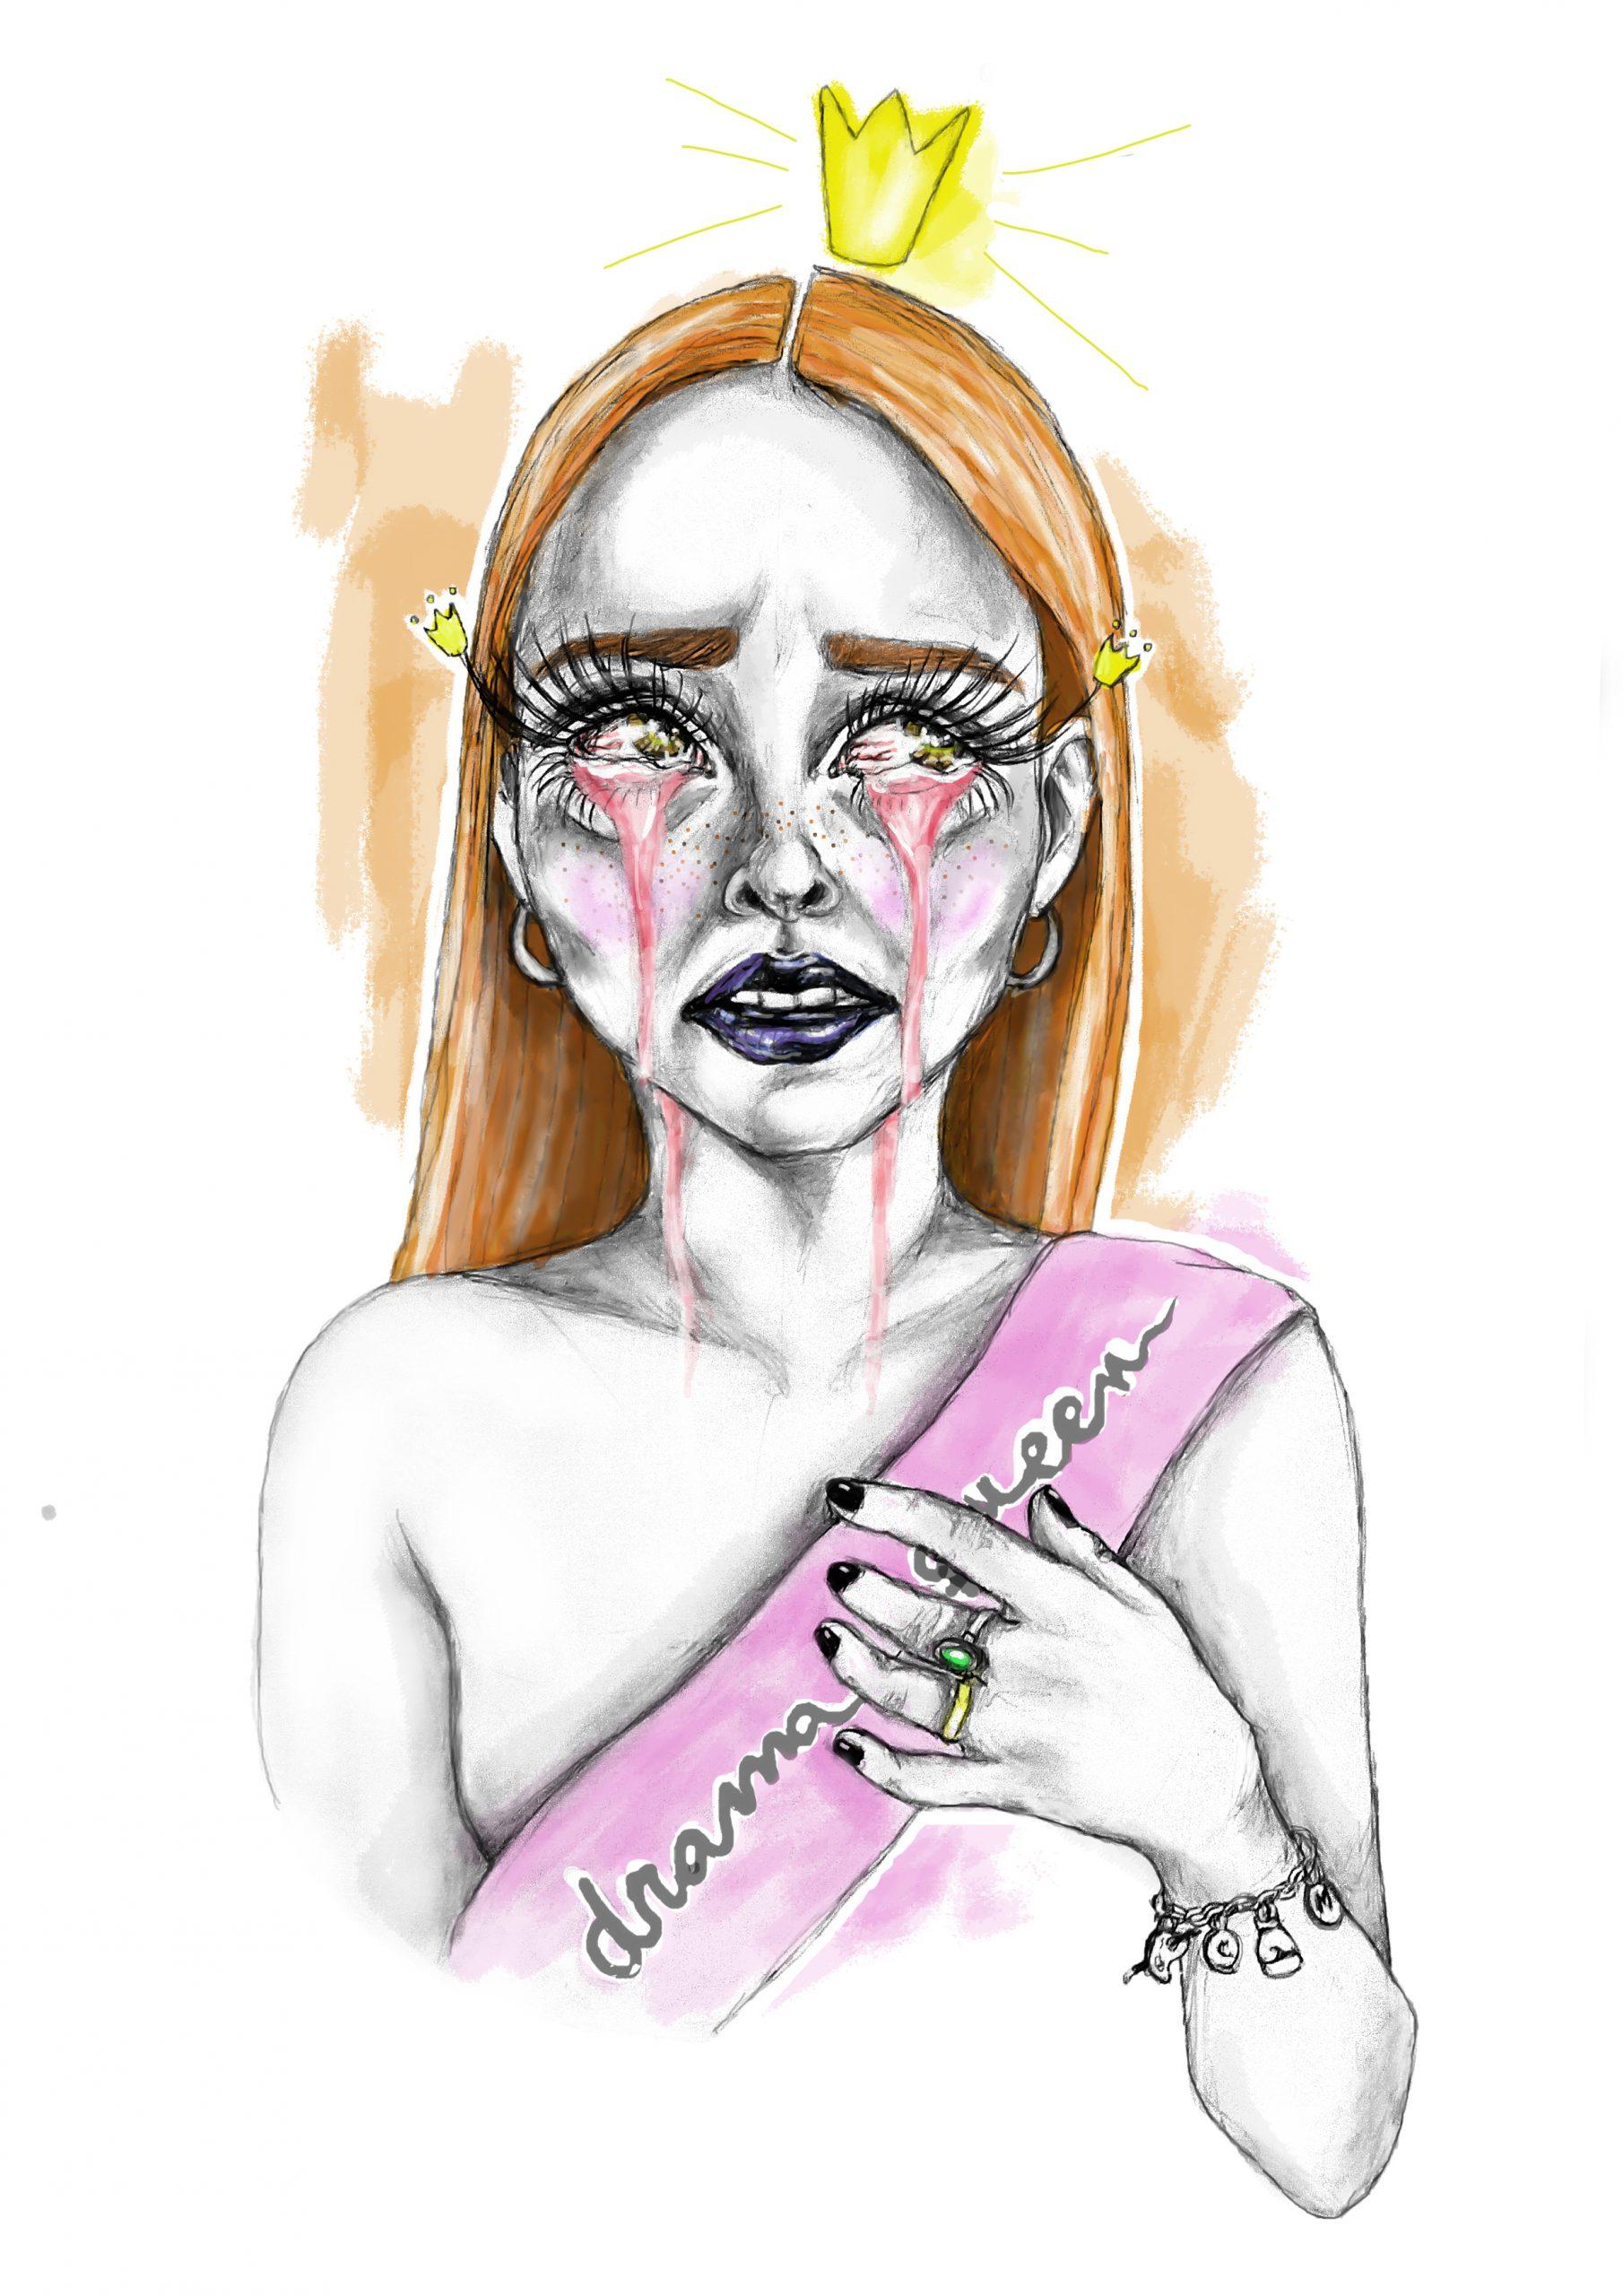 Drama queen stamina ilustracion sara sanchez un mal trago libro